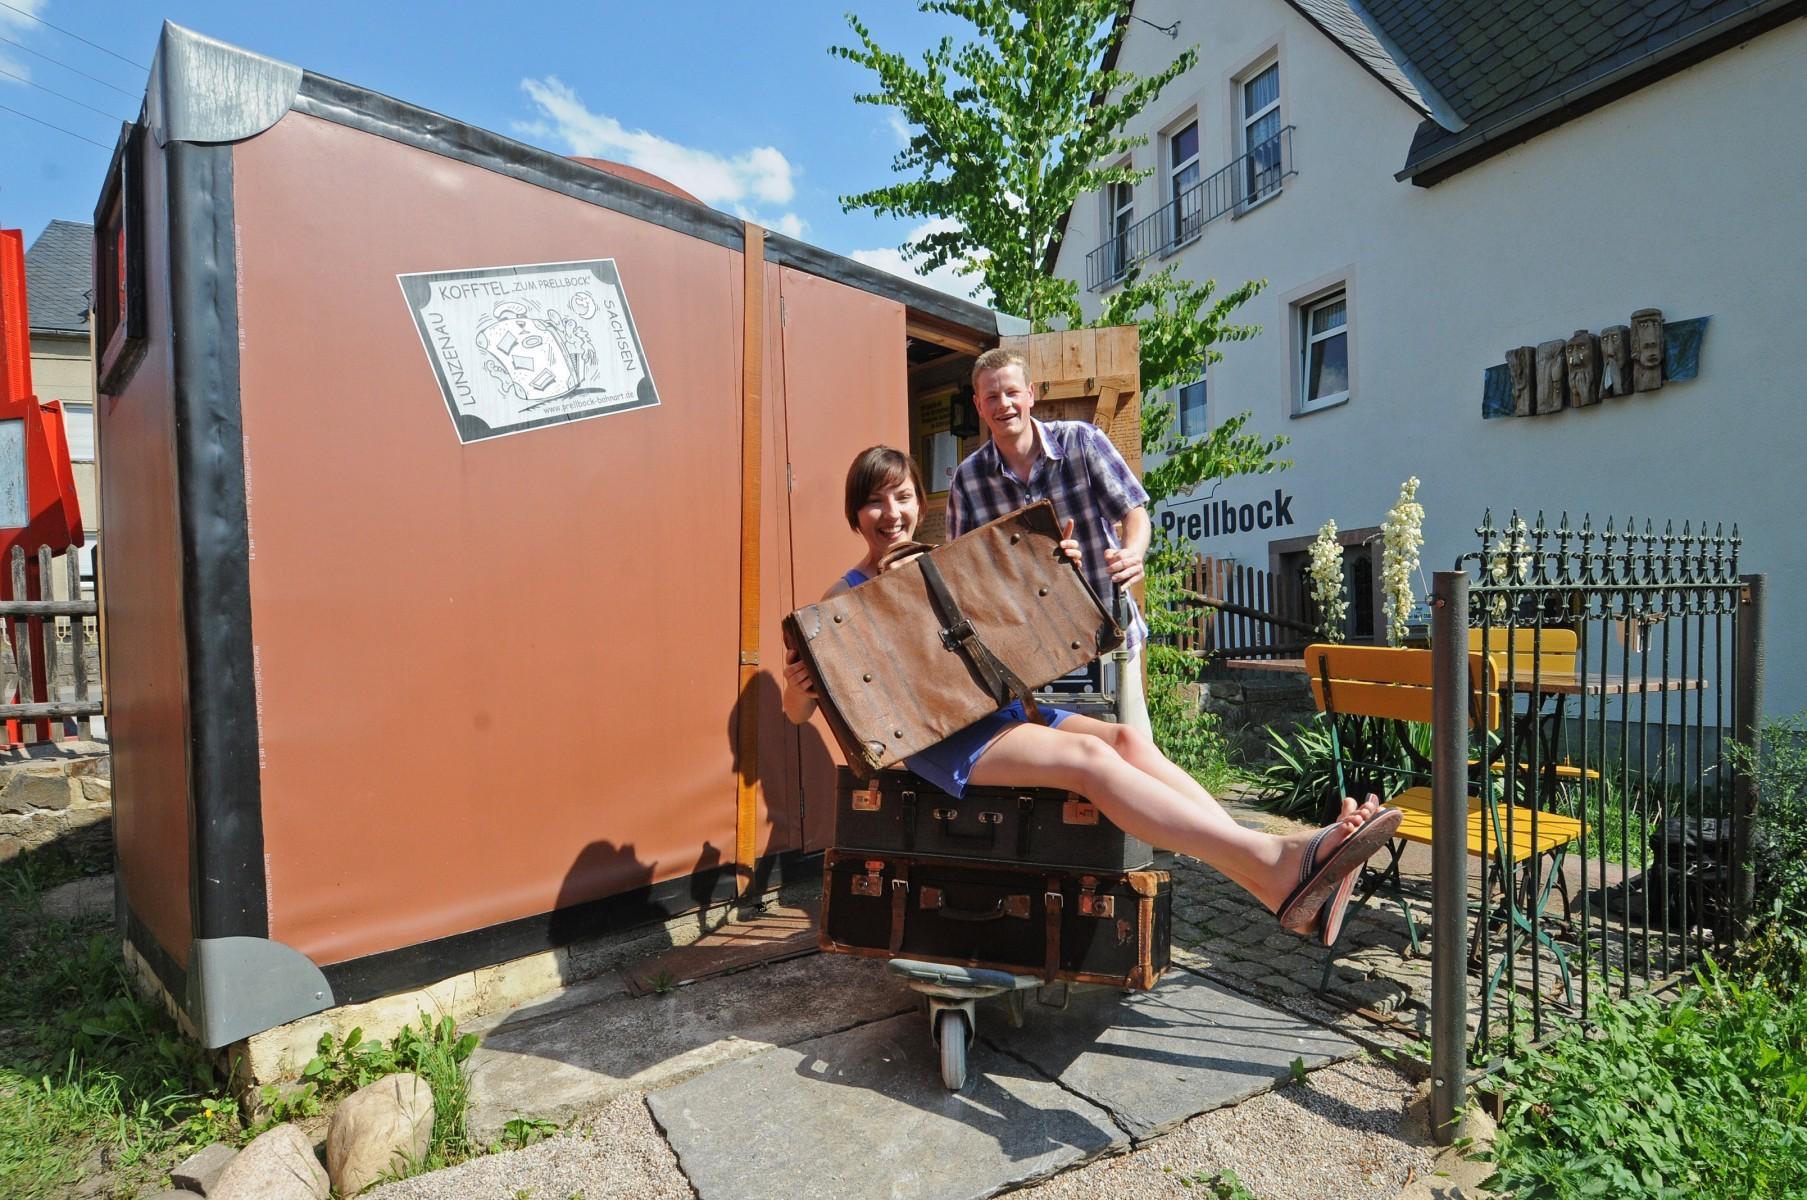 Kofferhotel in Lunzenau - Übernachtung im Koffer